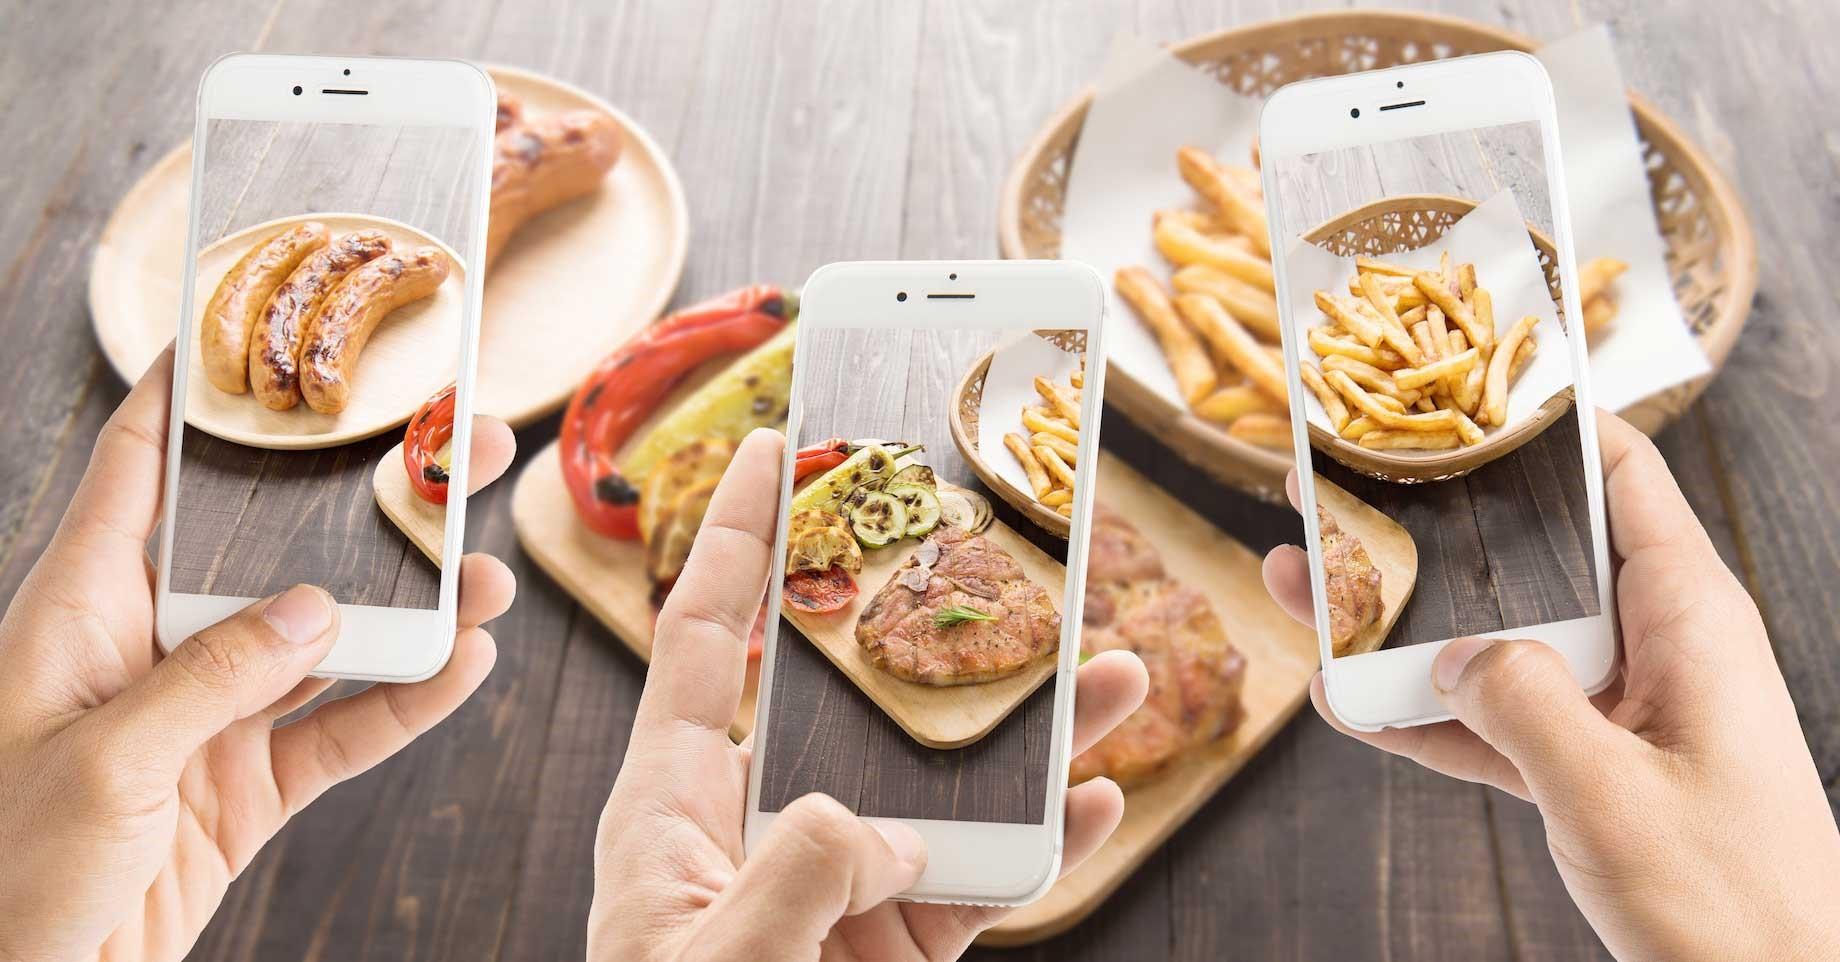 چگونه در شبکه¬های اجتماعی بازاریابی و فروش برای رستوران ¬ها را پیاده کنیم؟